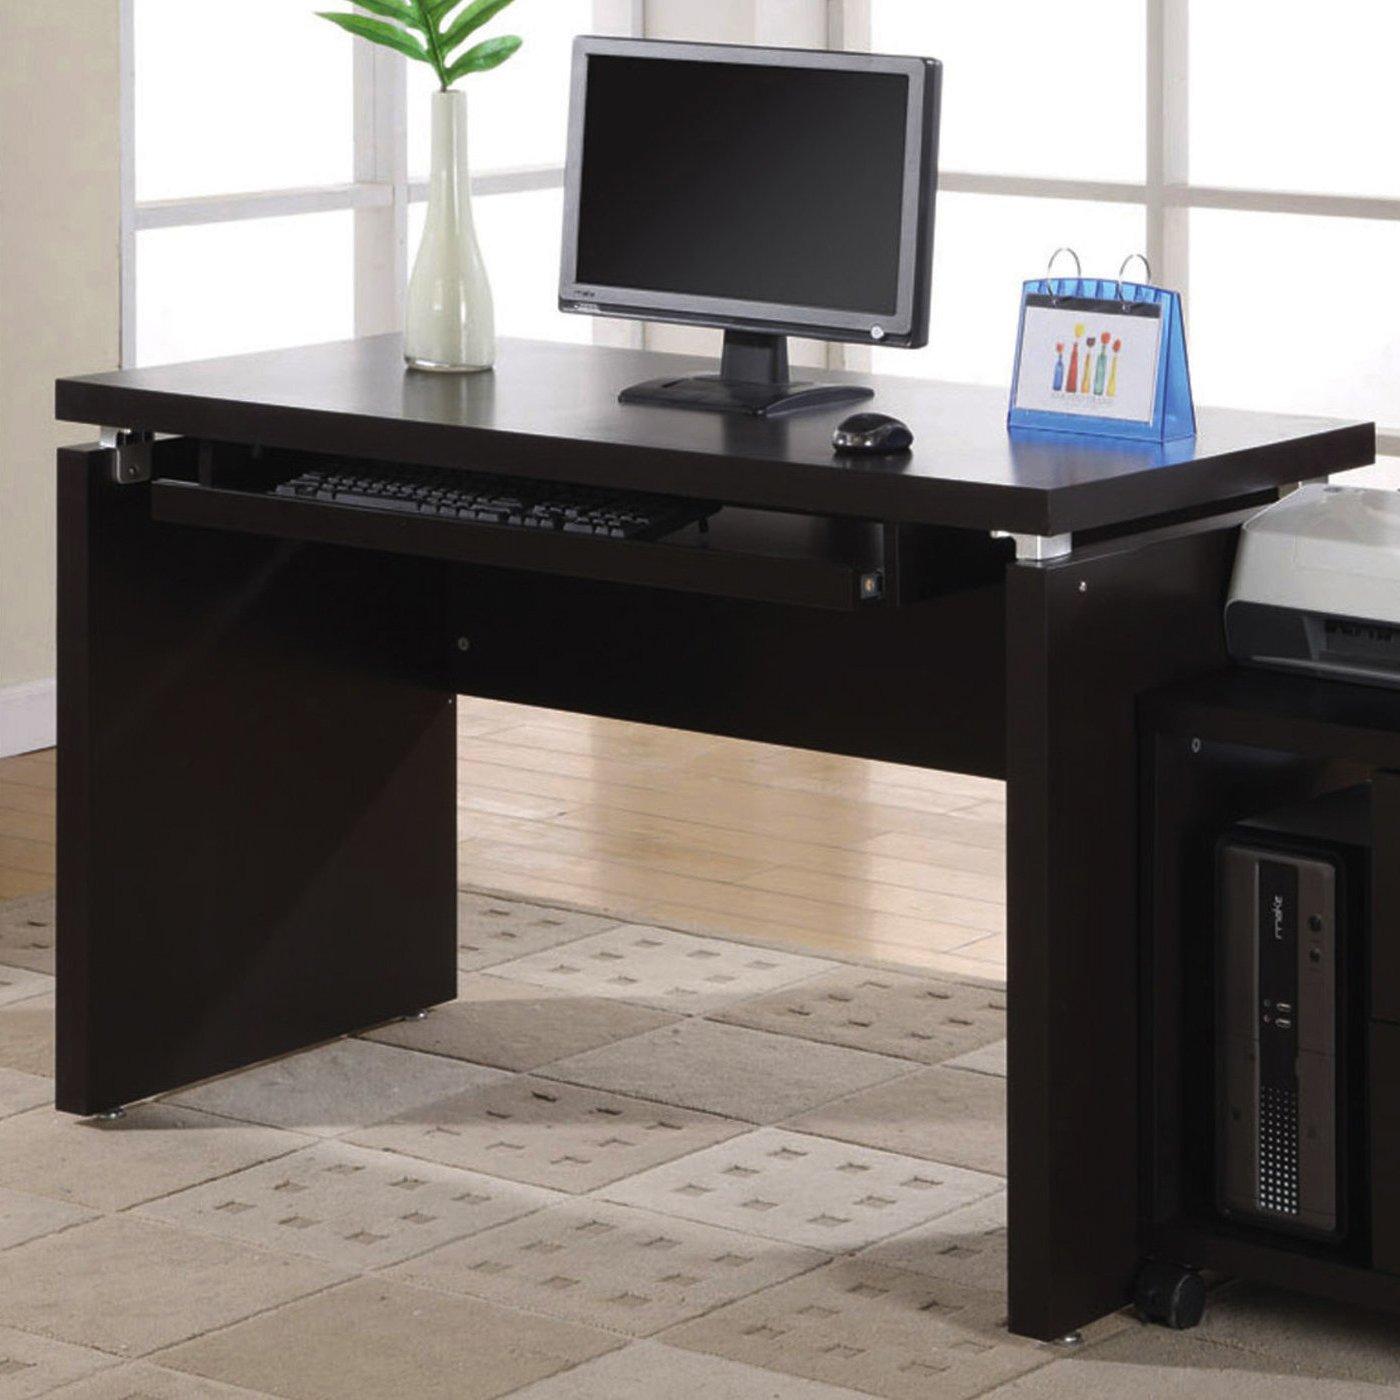 computer sp taupe origin designs i table p dark reclaimed desk